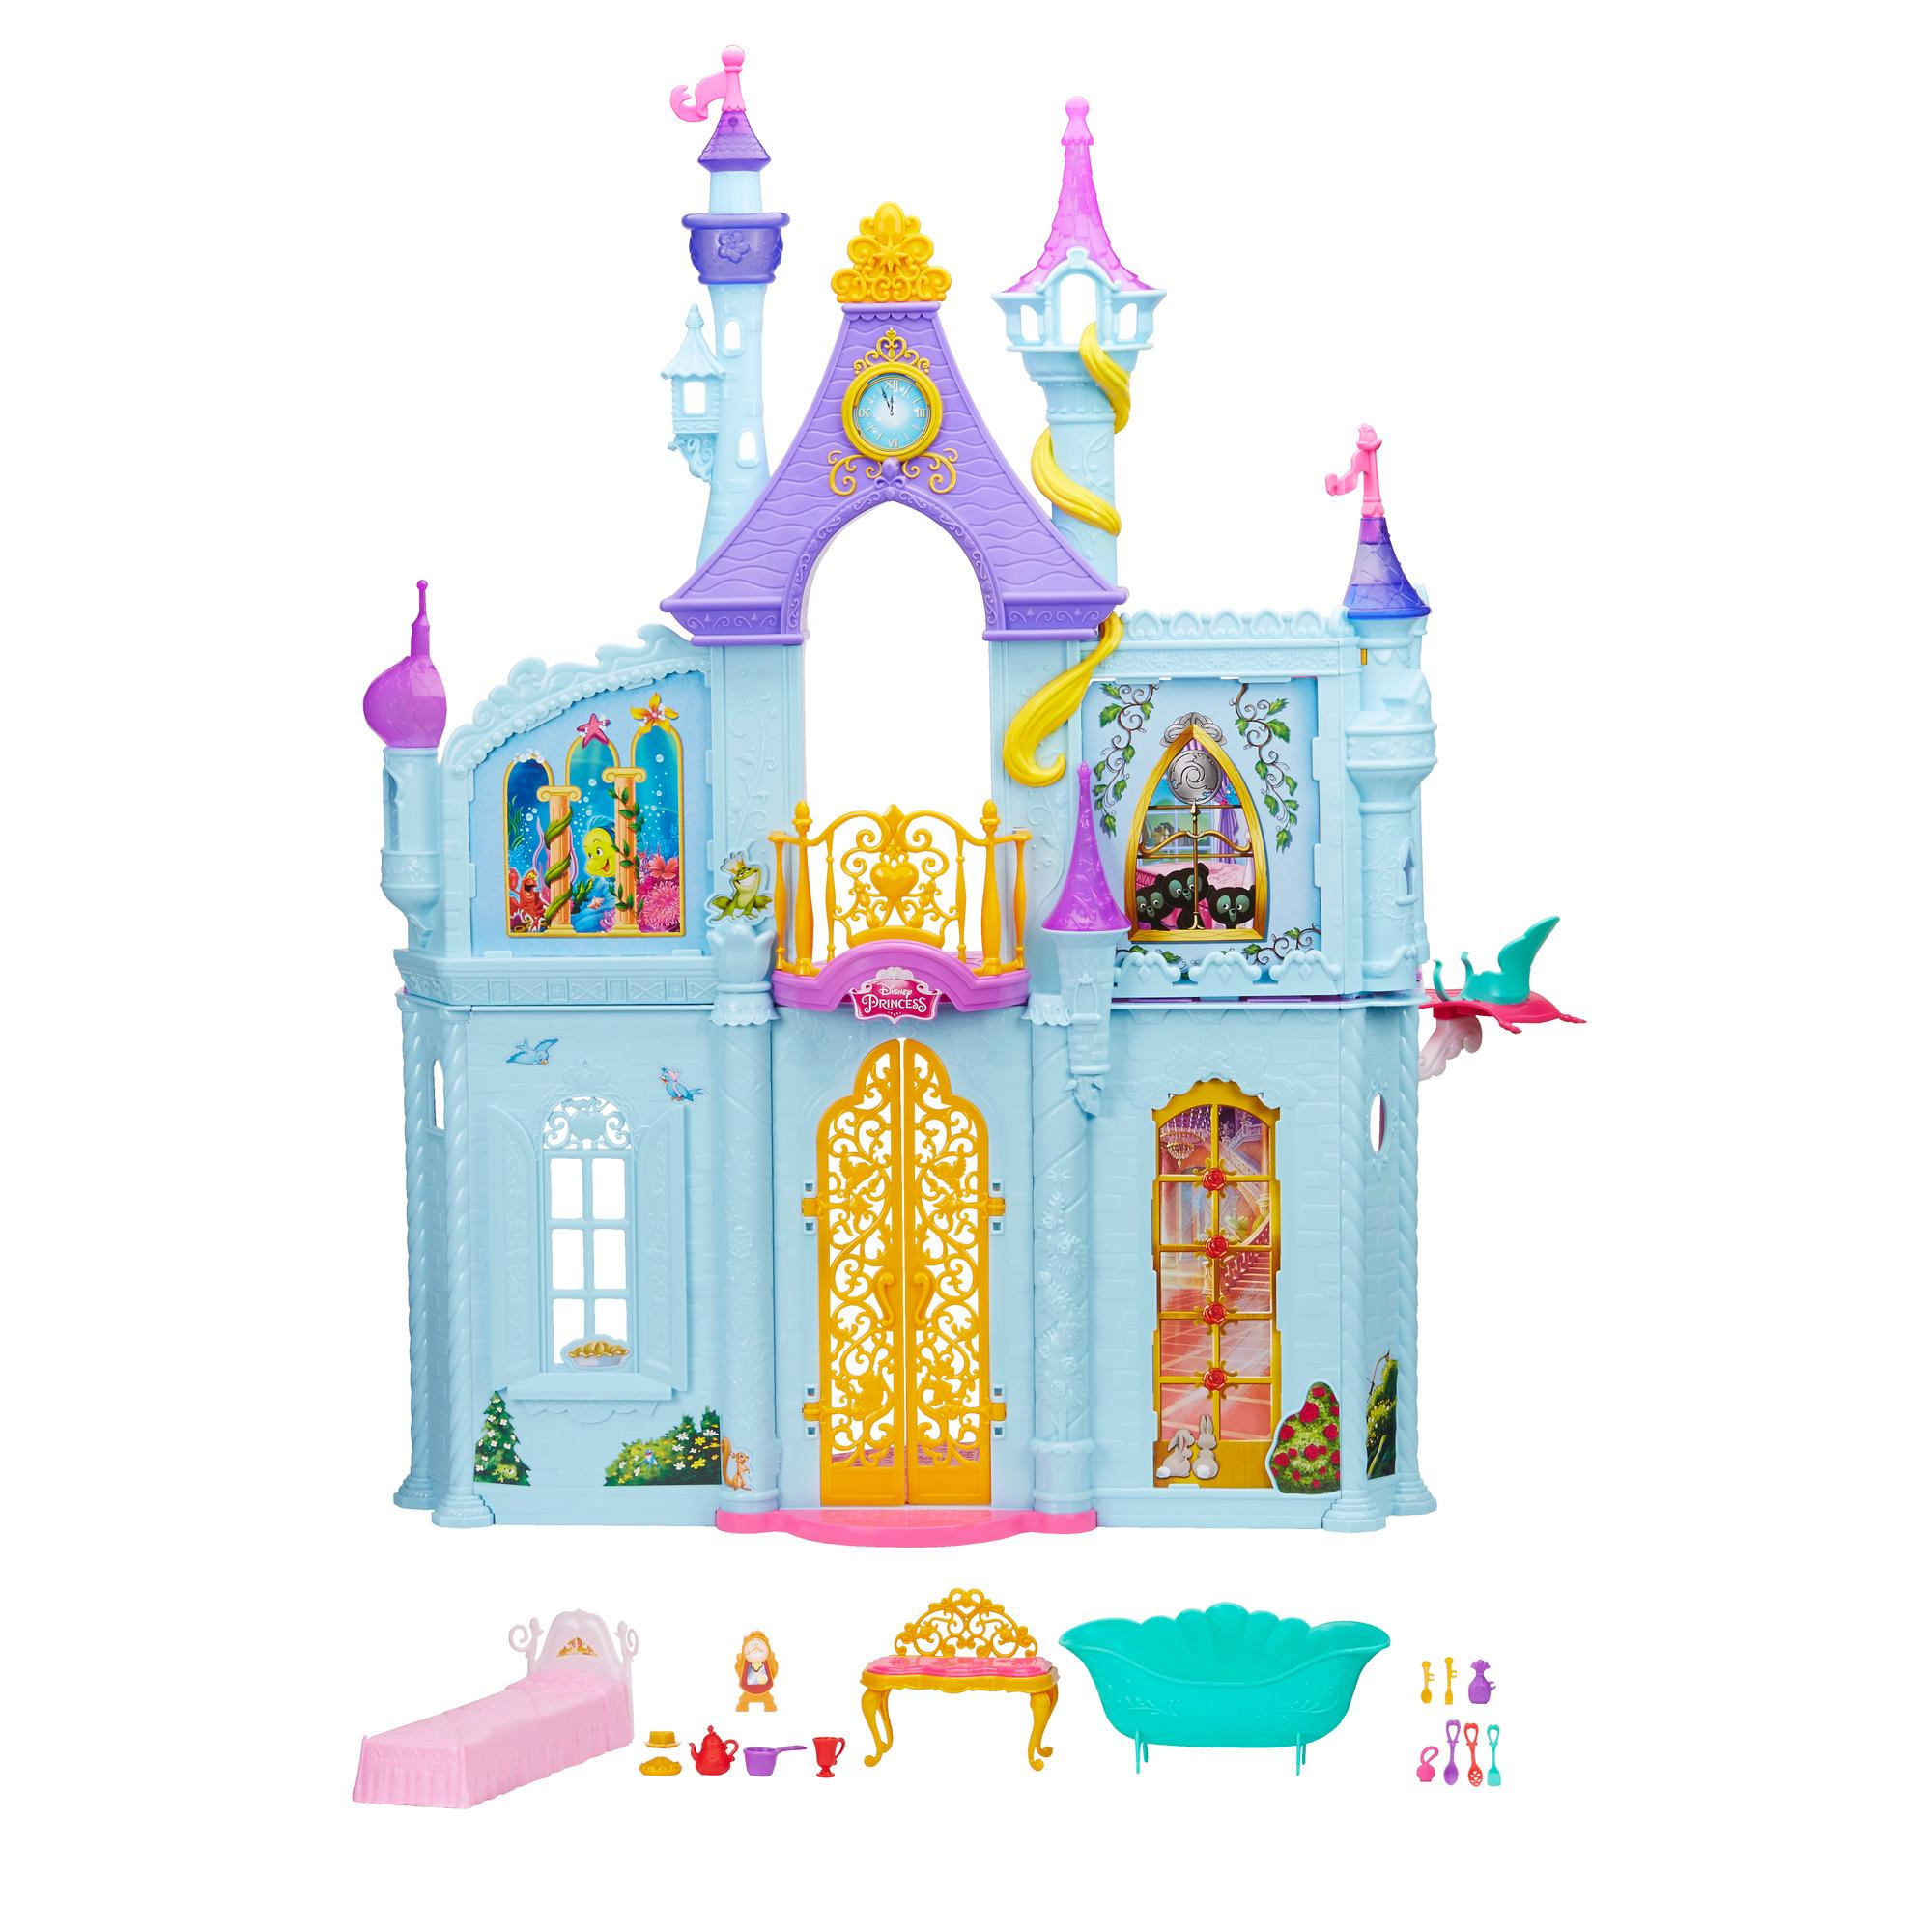 Disney Princess Royal Dreams Castle.